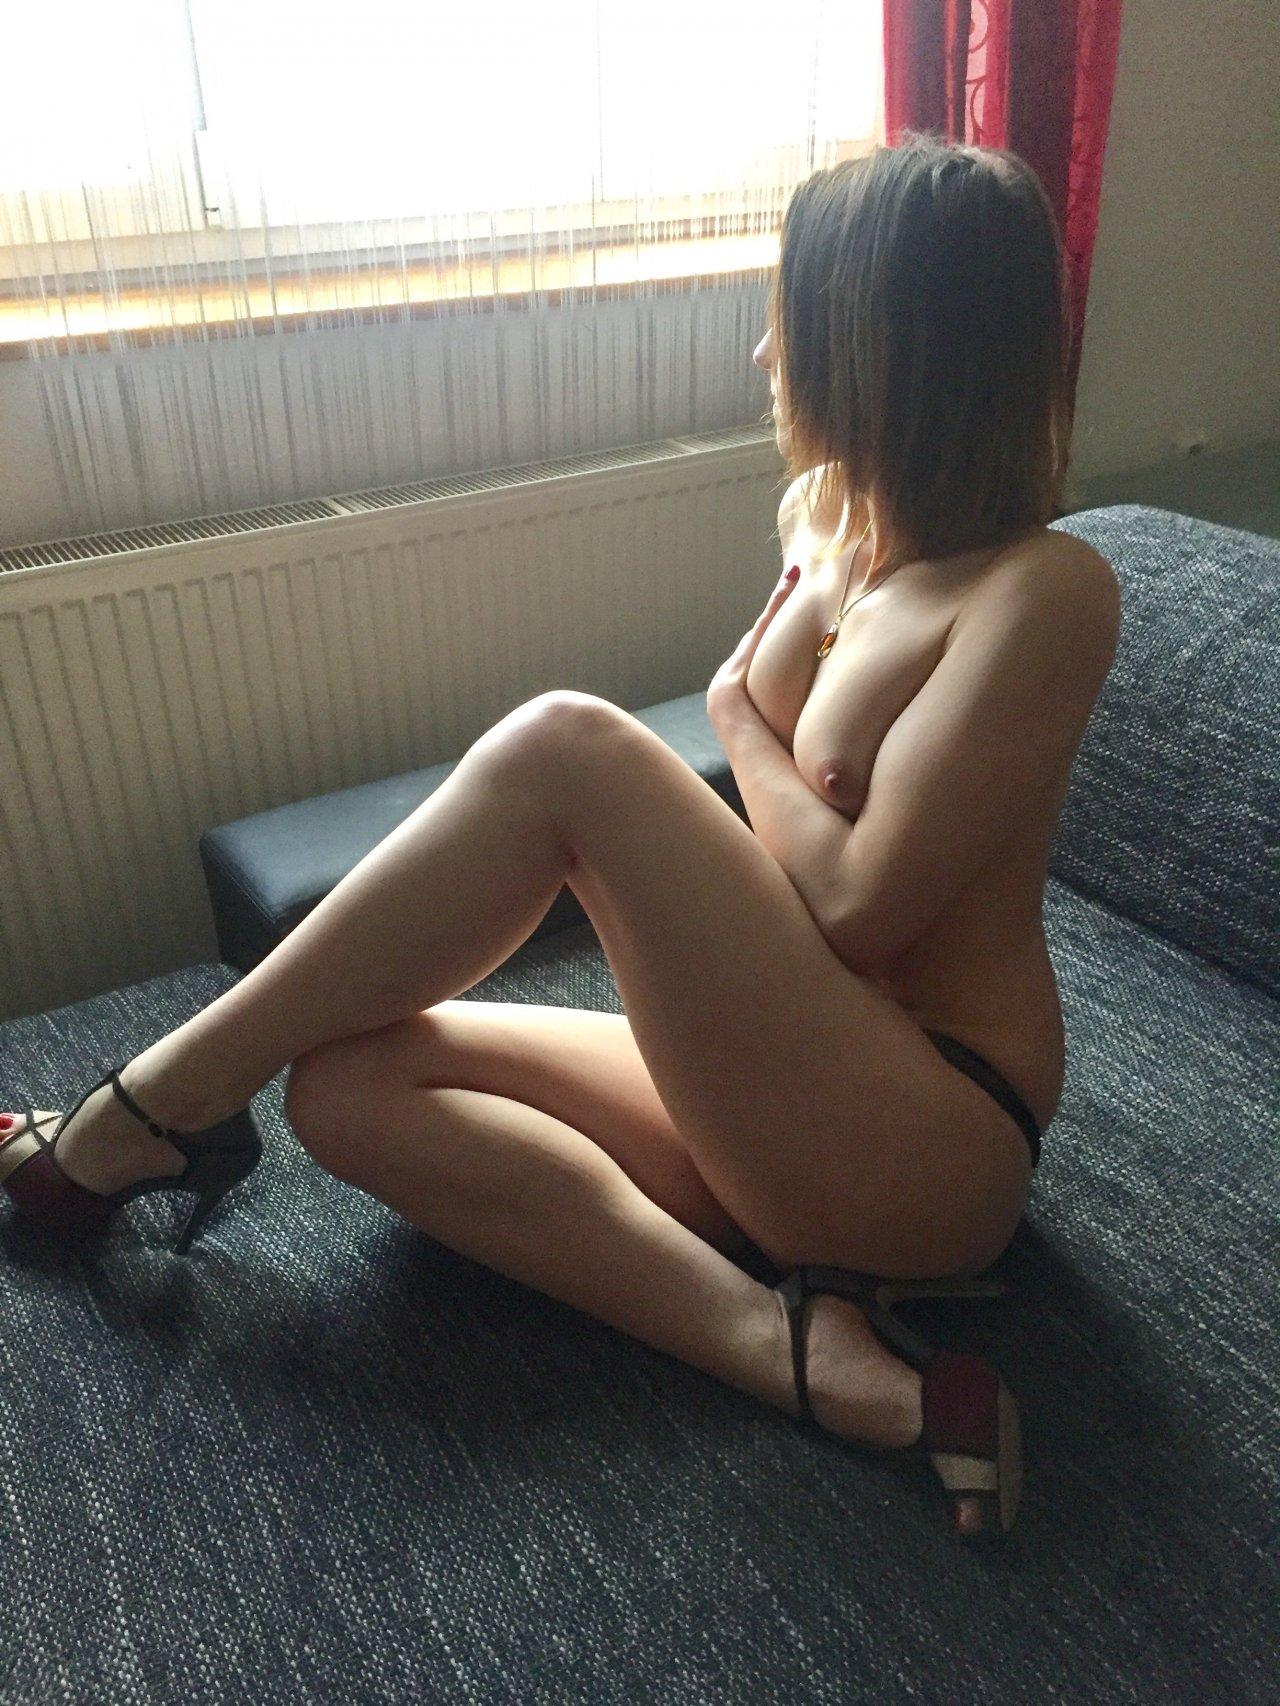 eroticka seznamka 69 sally sez